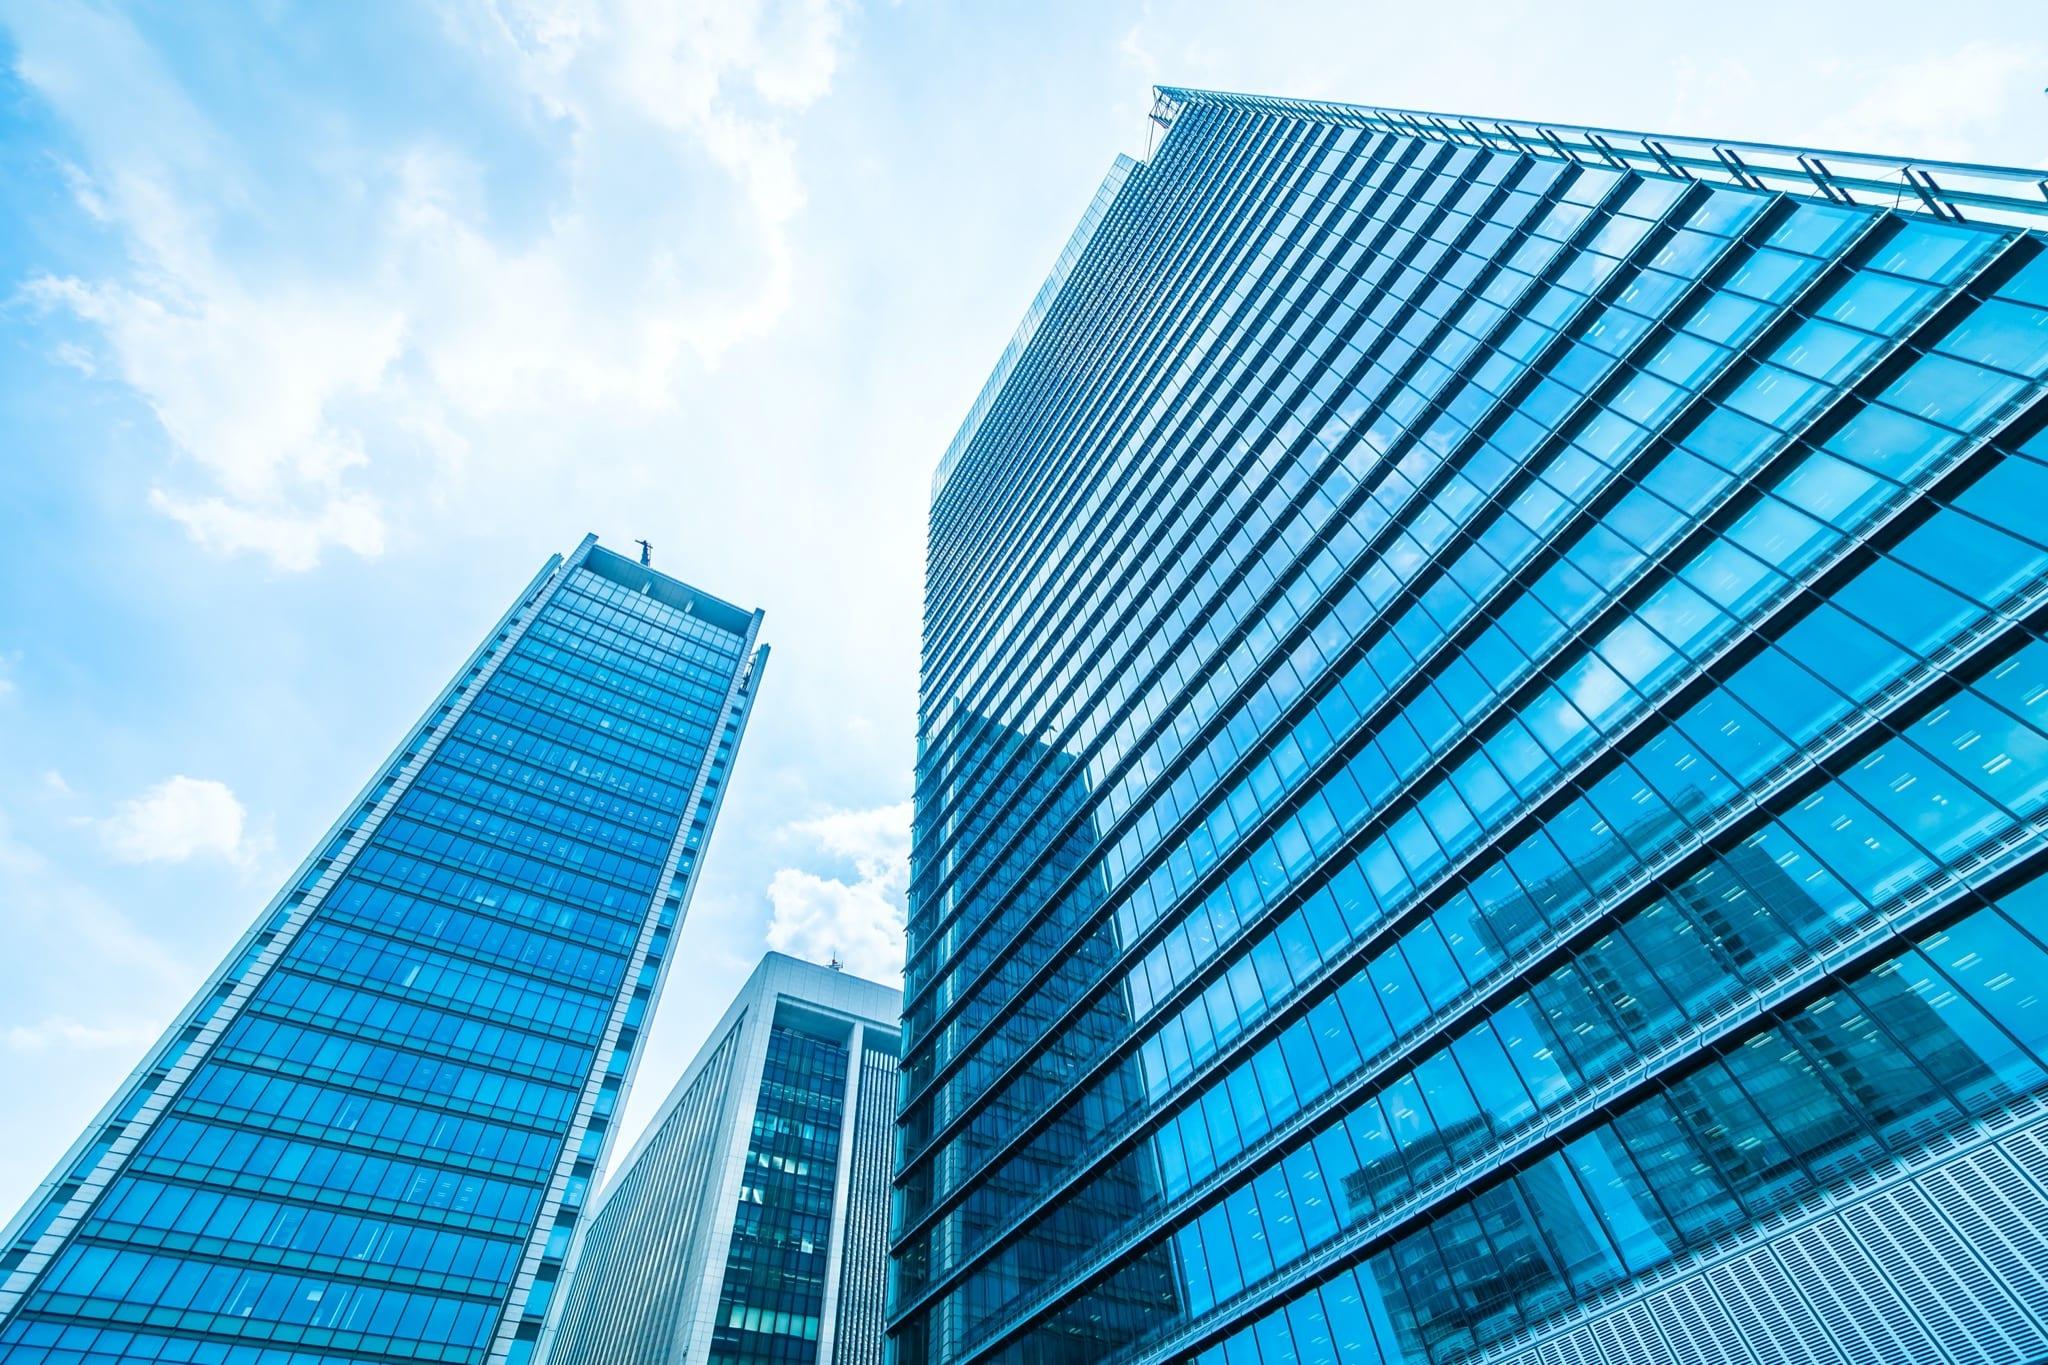 birouri - Industriile generatoare de cerere pentru sectorul imobiliar în 2019